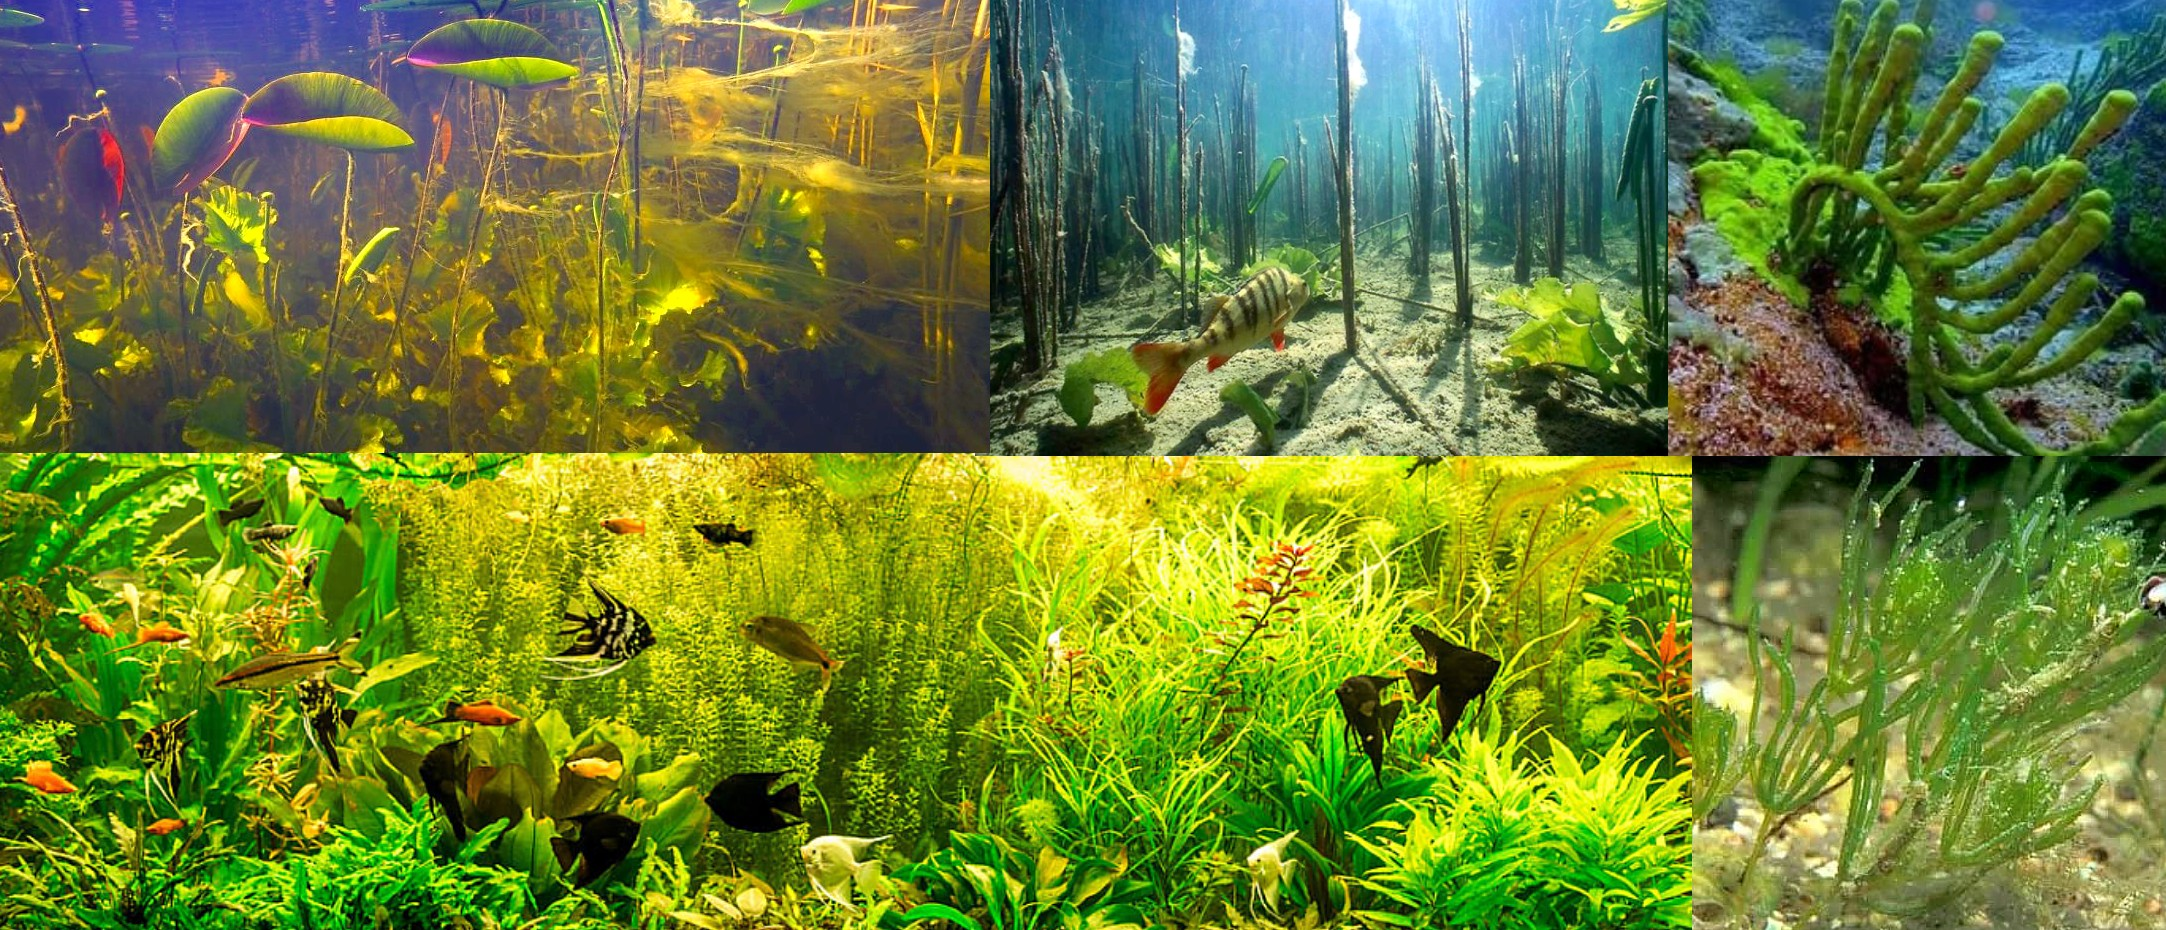 Freshwater flora